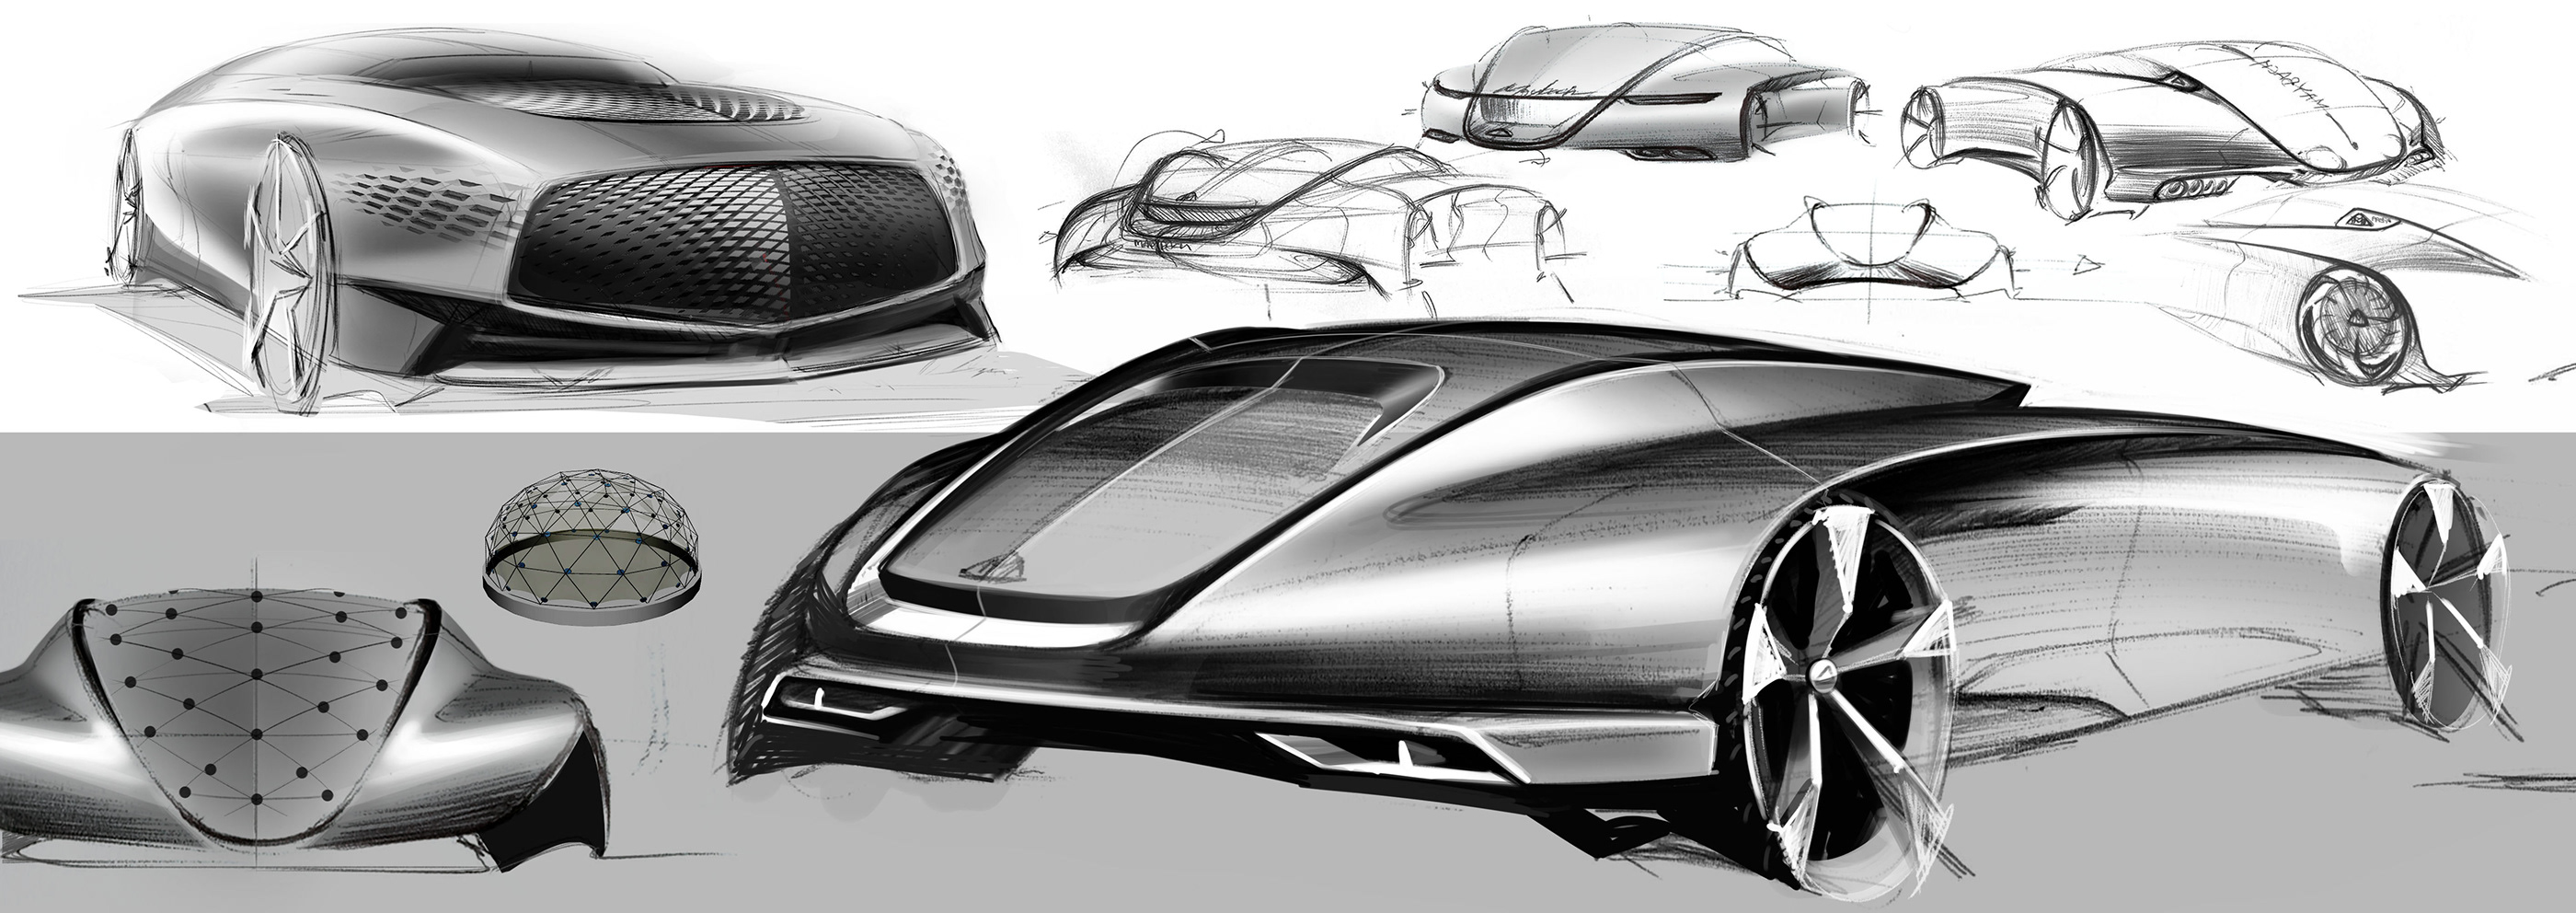 全球资讯_迈巴赫Opera概念车设计 - 视觉同盟(VisionUnion.com)